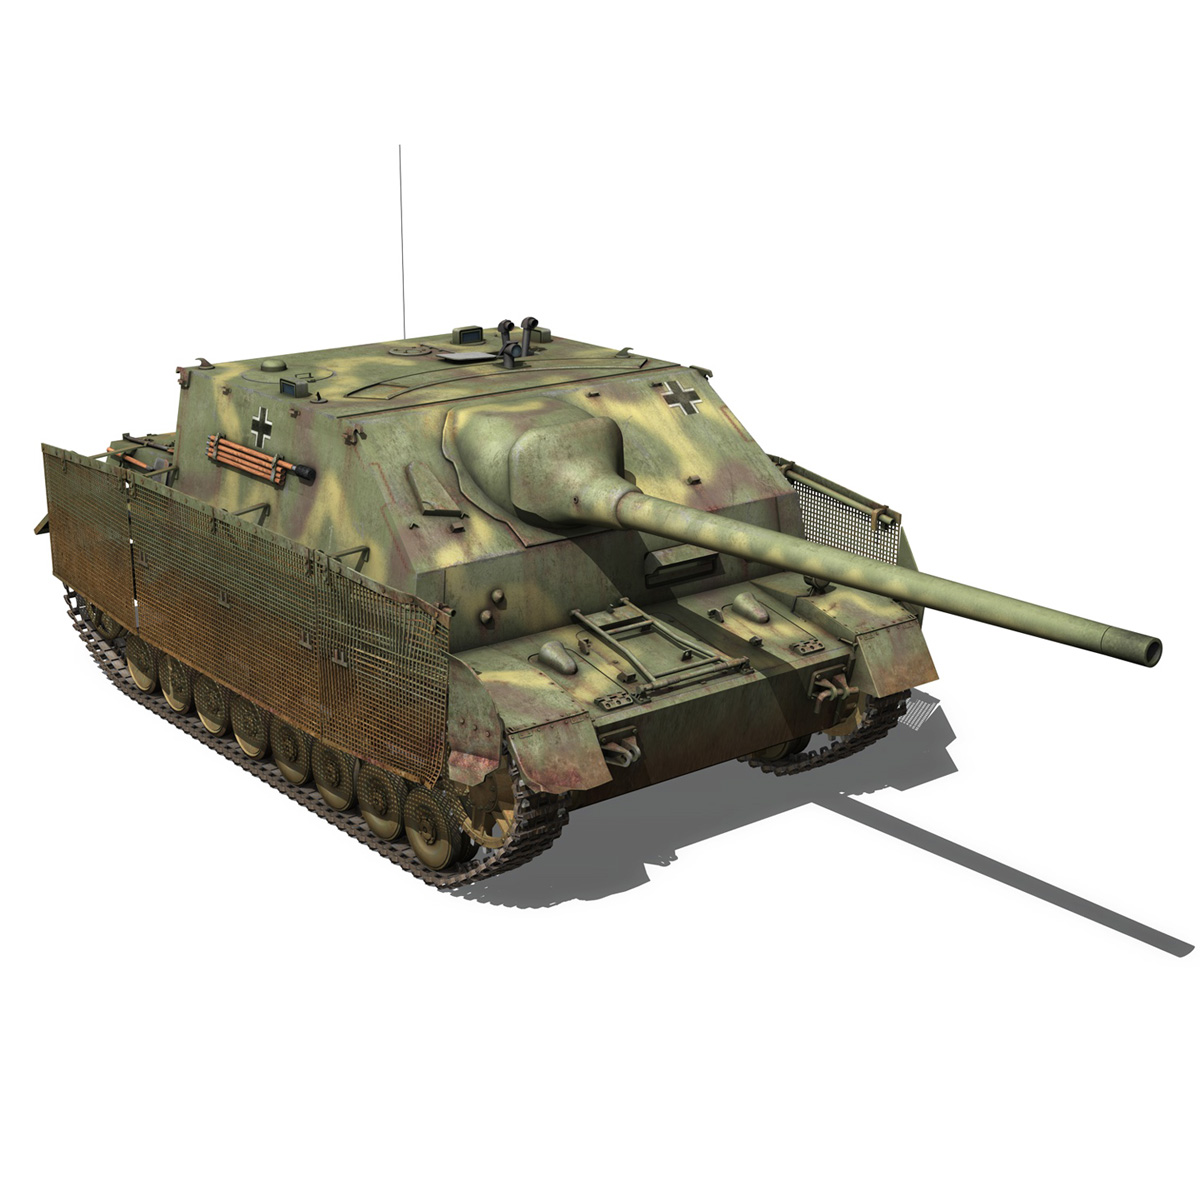 jagdpanzer iv l/70 (a) 3d model 3ds fbx c4d obj 200835